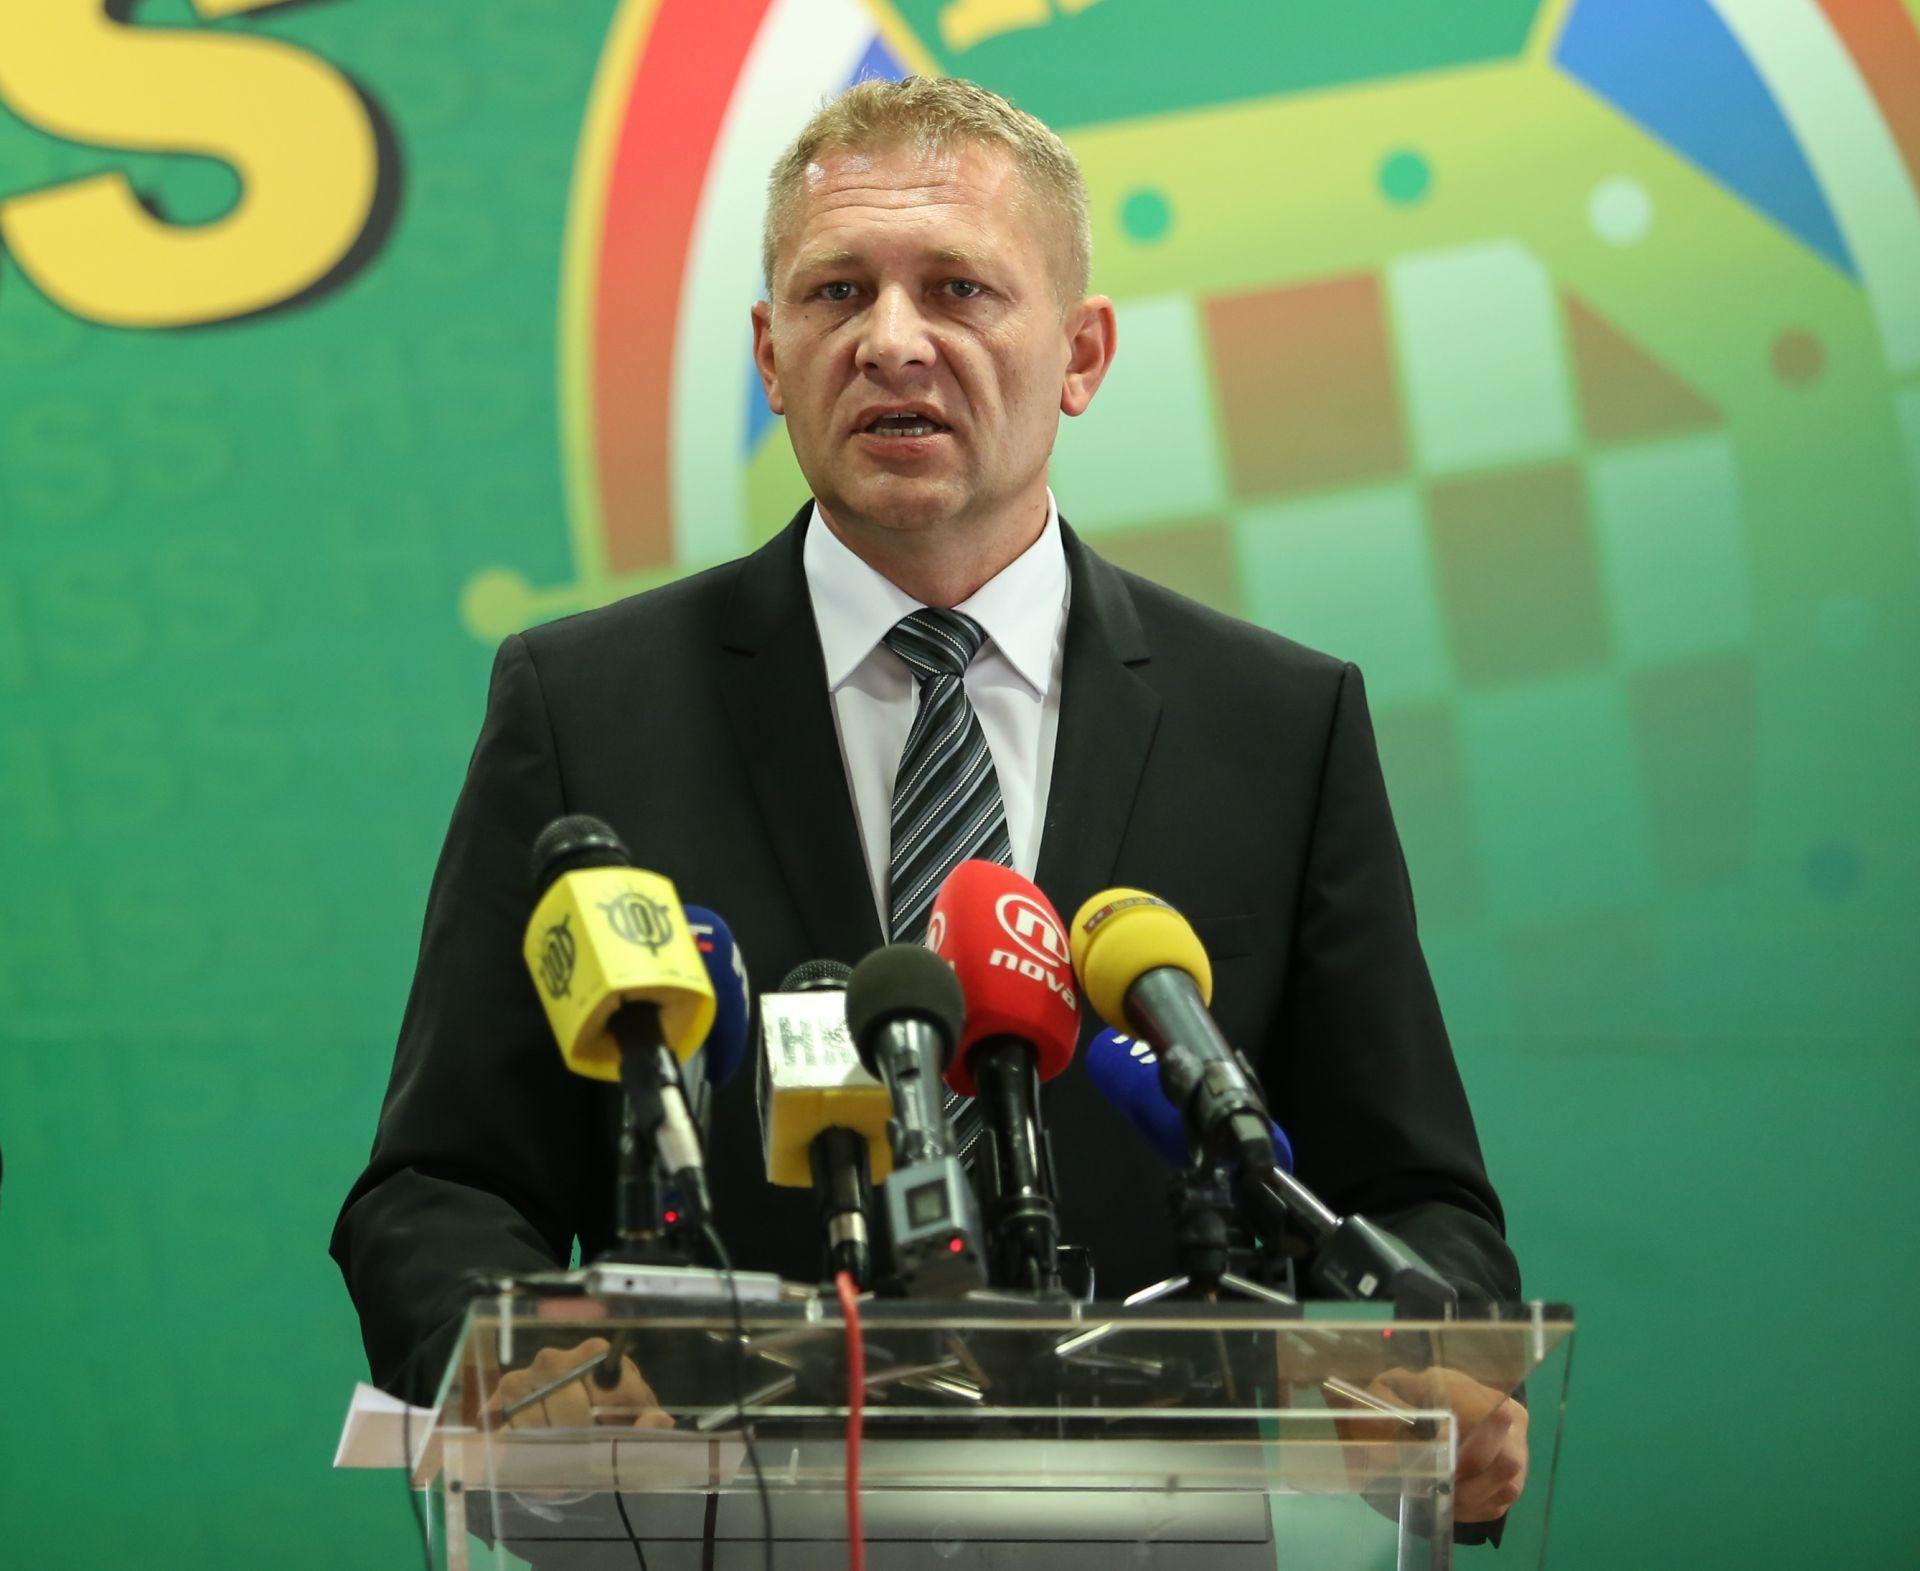 BELJAK: 'Dat ćemo potpise Plenkovićevoj vladi i rok od 100 dana u kojim ga nećemo dirati'